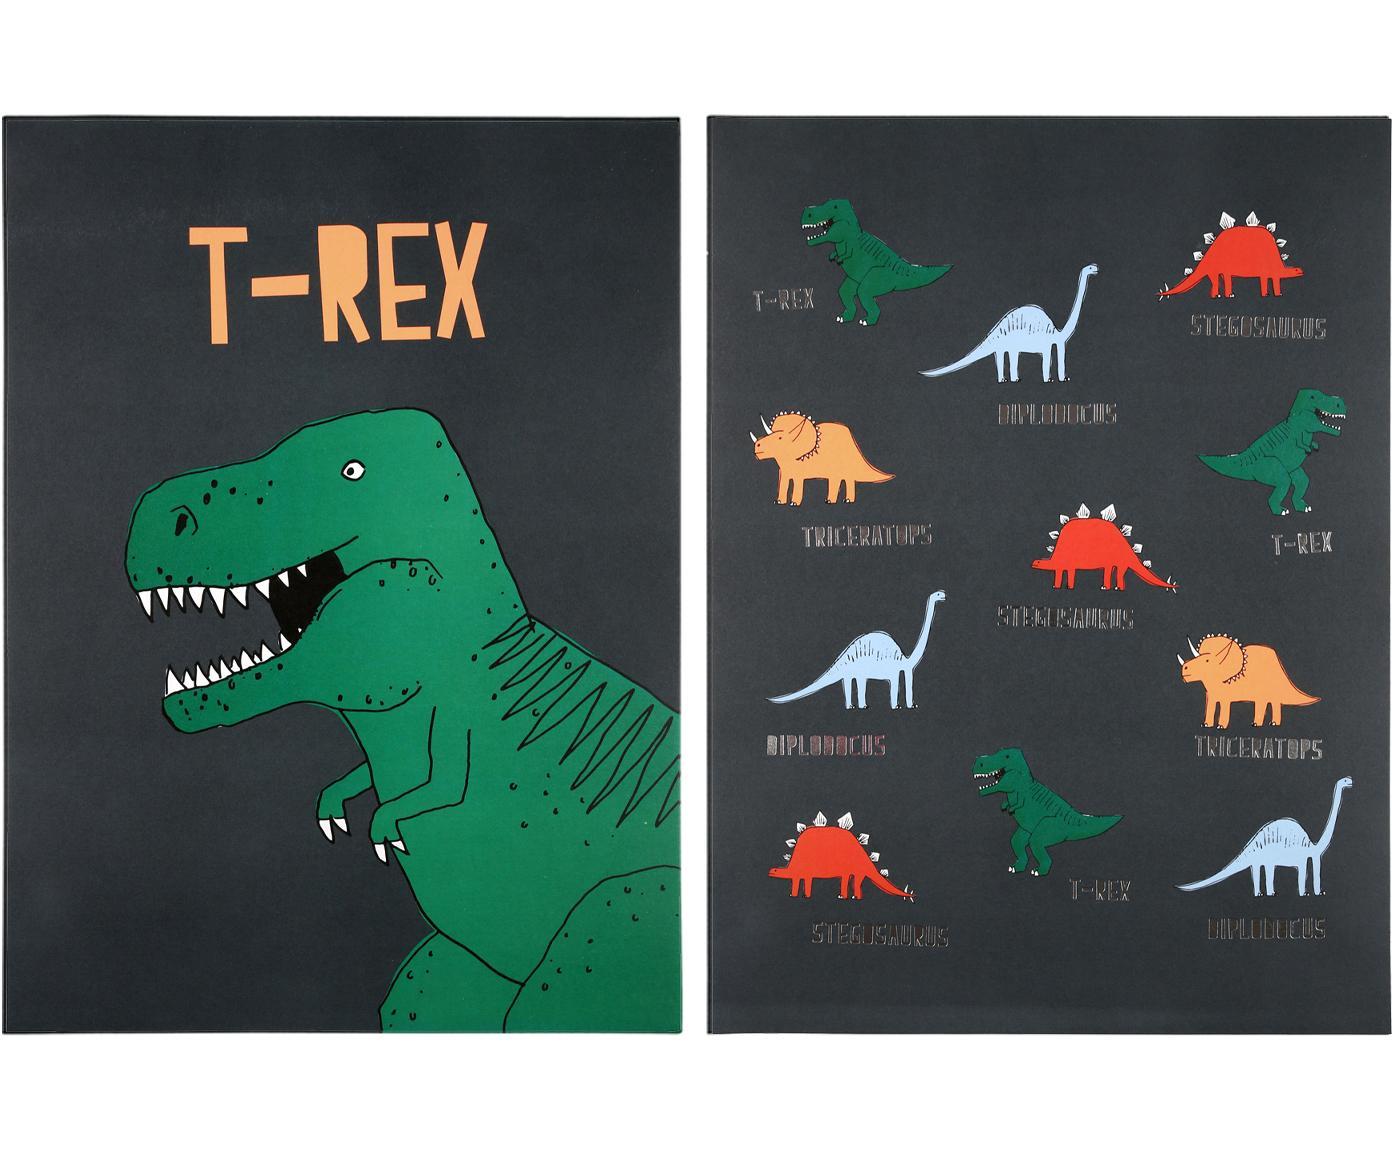 Posterset Dinosaur, 2-delig, Digitale print op papier, 200 g/m², Groen, grijs, geel, rood, blauw, 31 x 41 cm